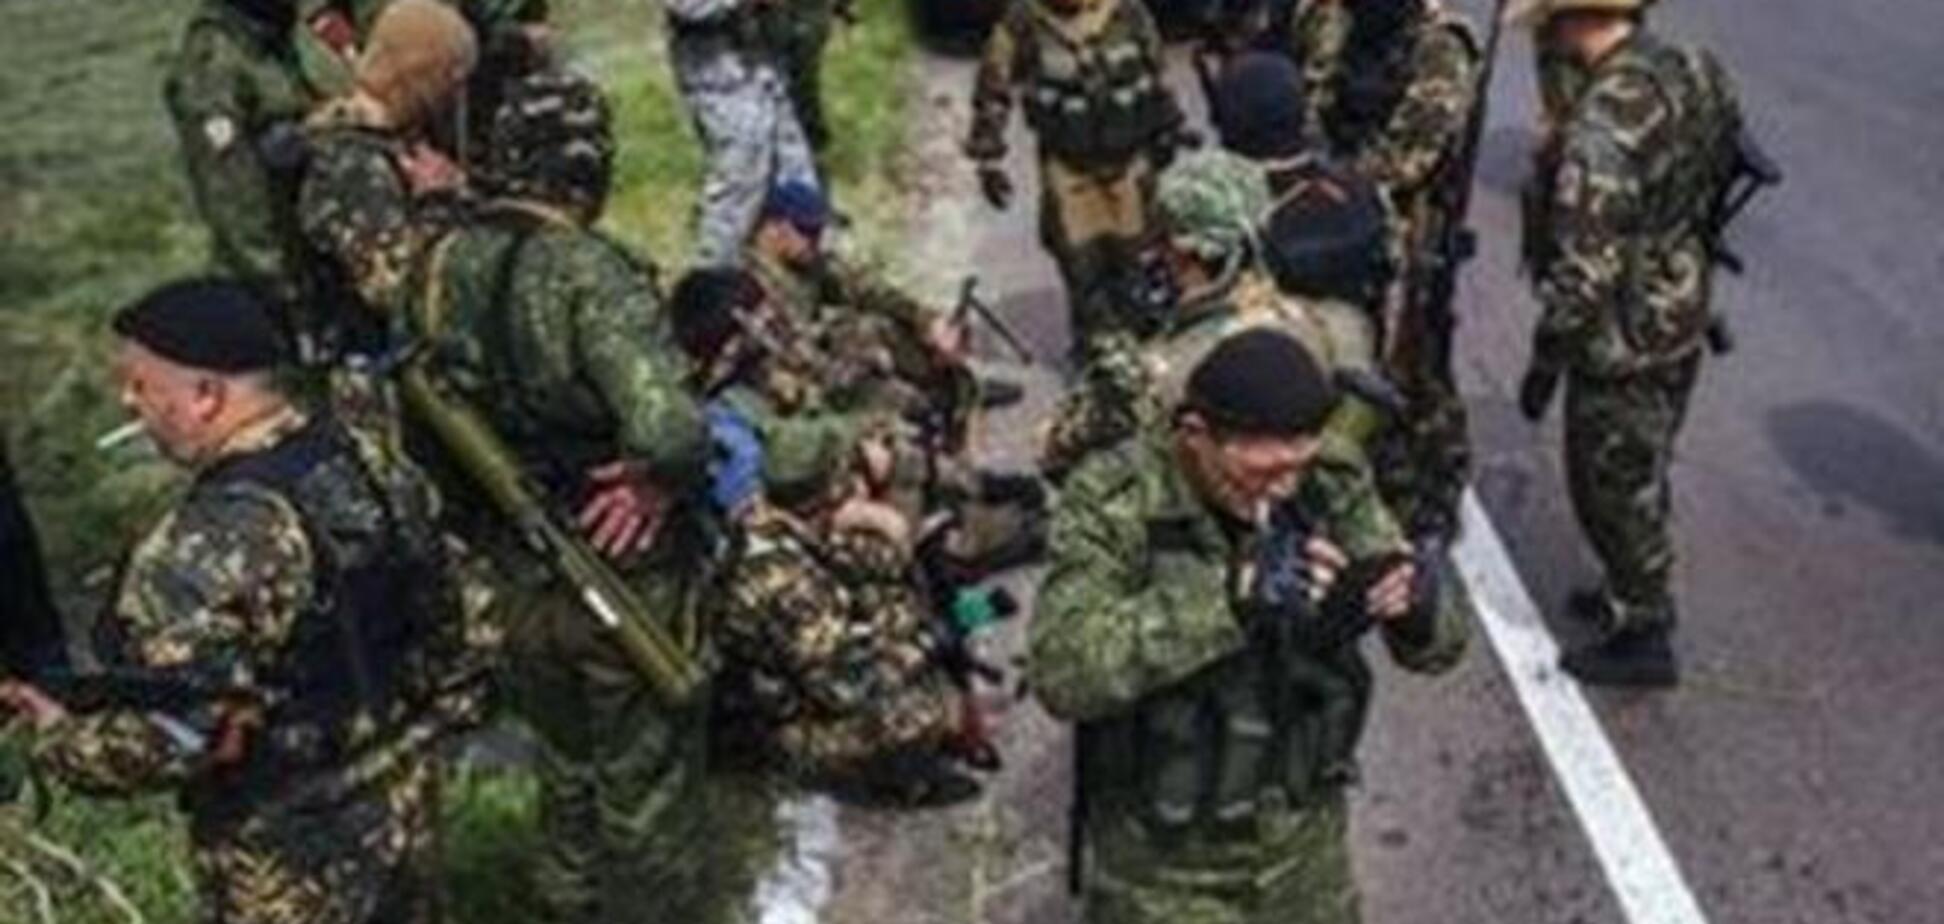 В Торезе на КамАЗ и танки 'ДНР' напали неизвестные. Идет бой